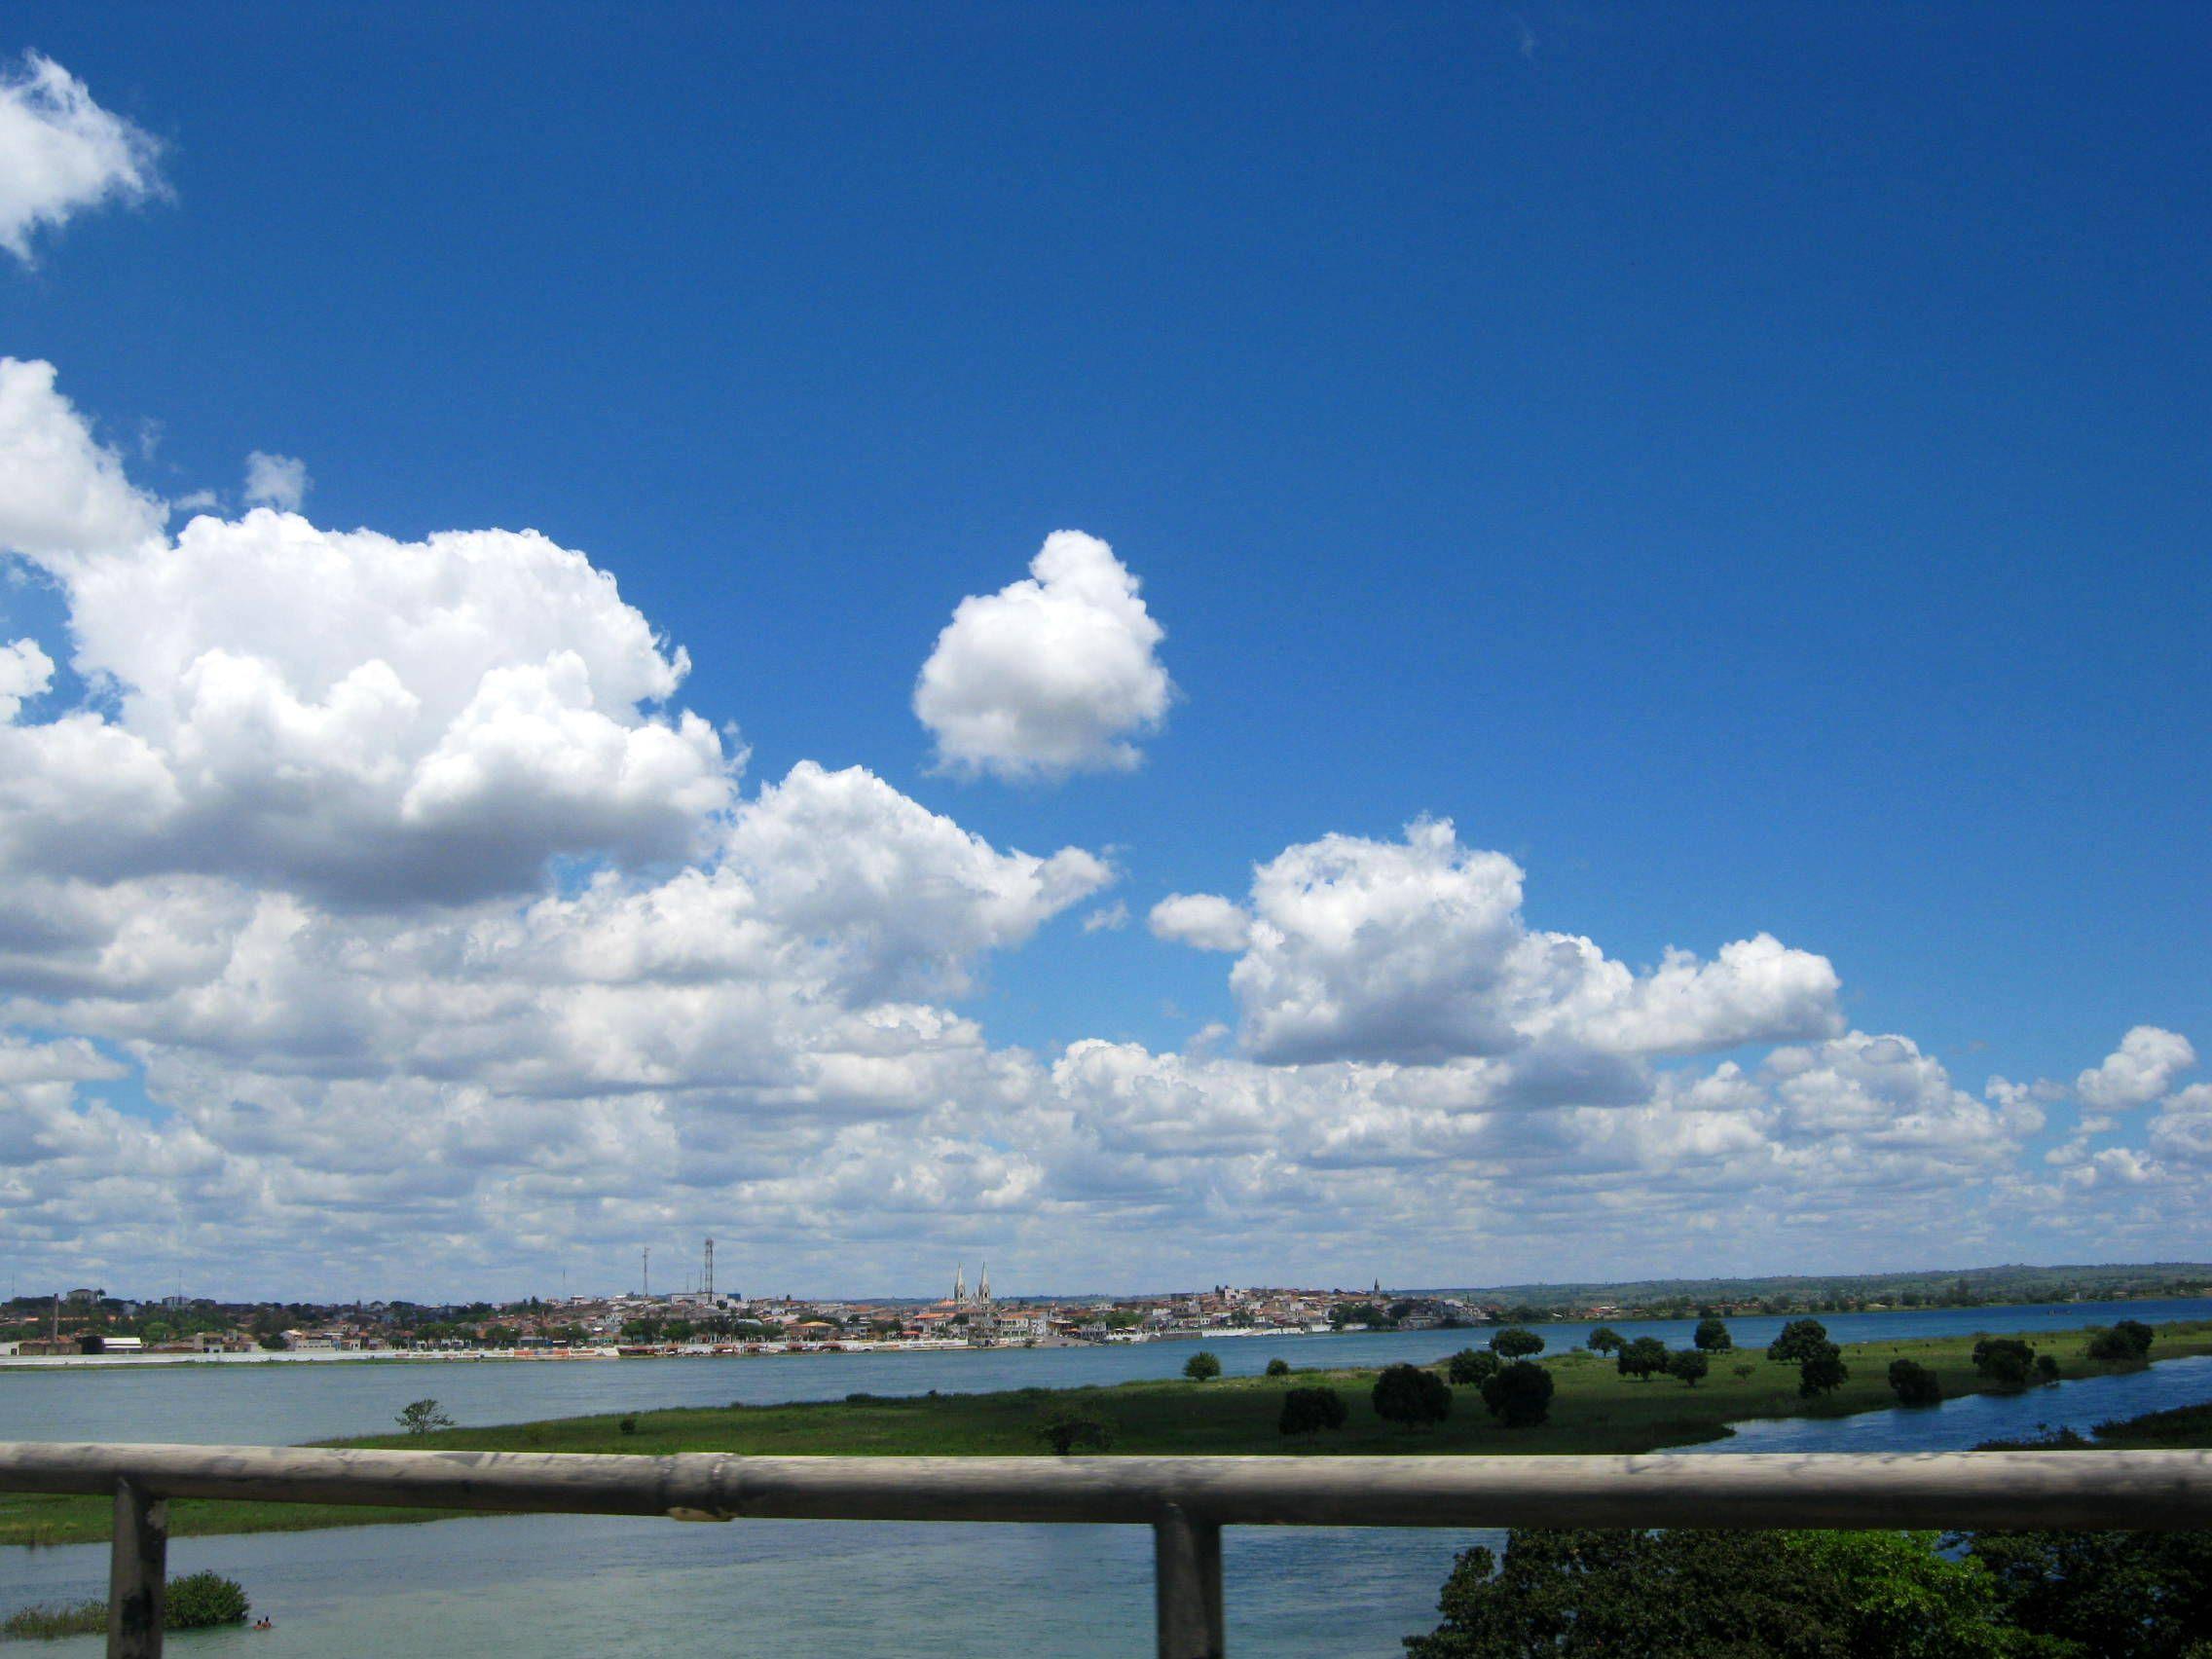 Nuvens que mais parecem flocos de algodão!